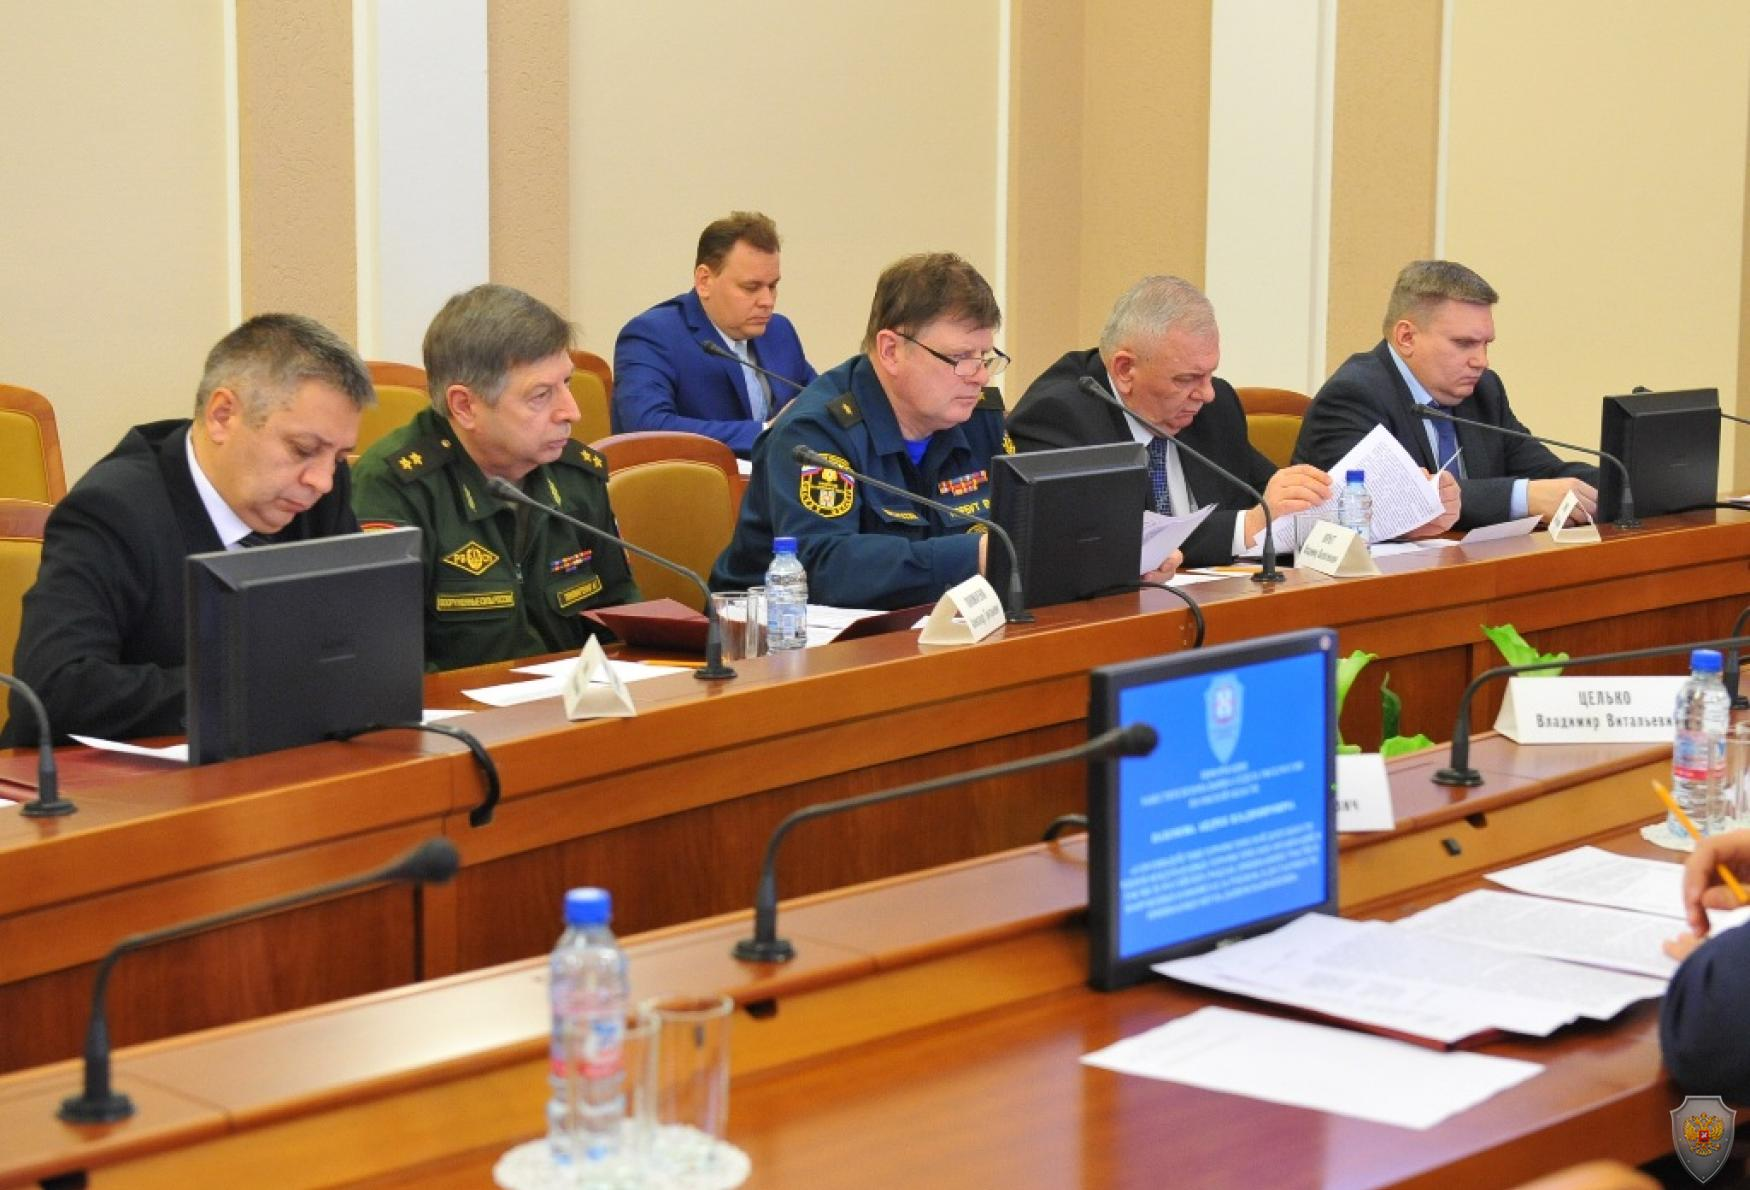 Членами антитеррористической комиссии Омской области рассматривается вопрос о противодействии деятельности международных террористических организаций.